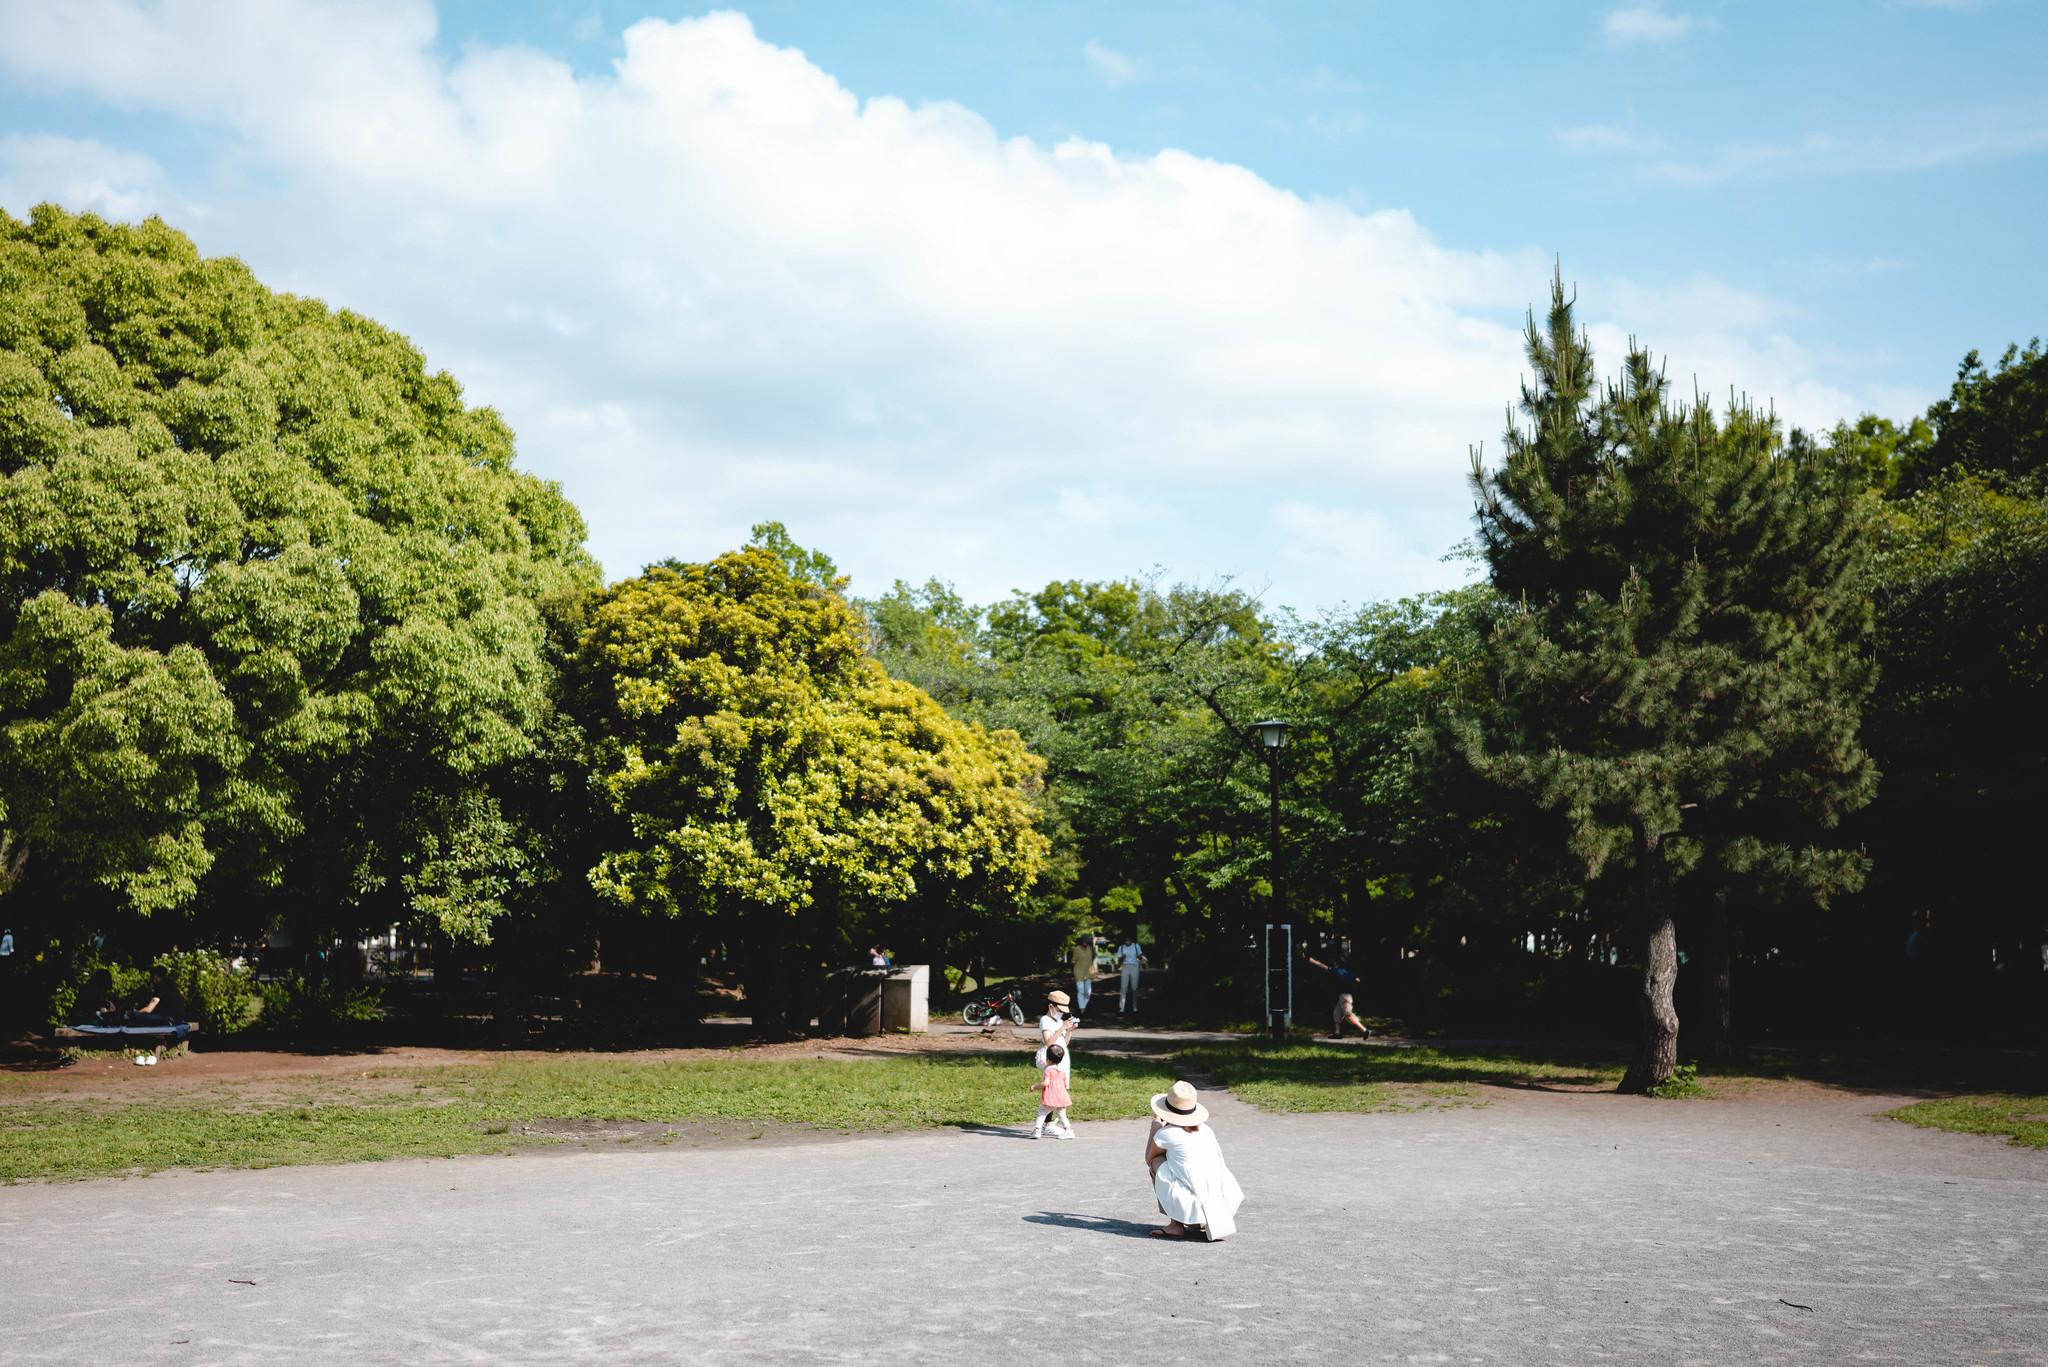 Park in sunny